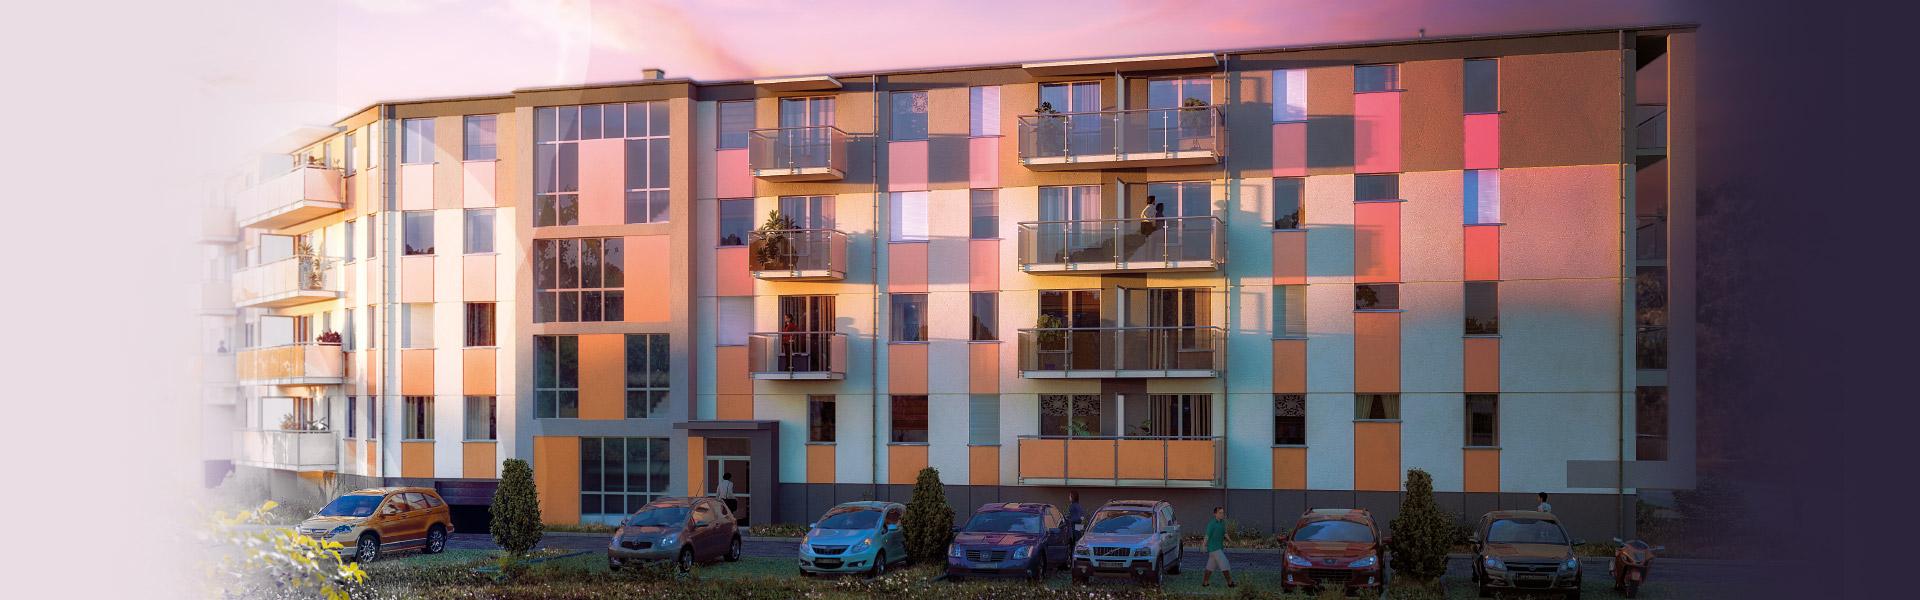 mieszkania deweloper poznań – osiedle bartnicza